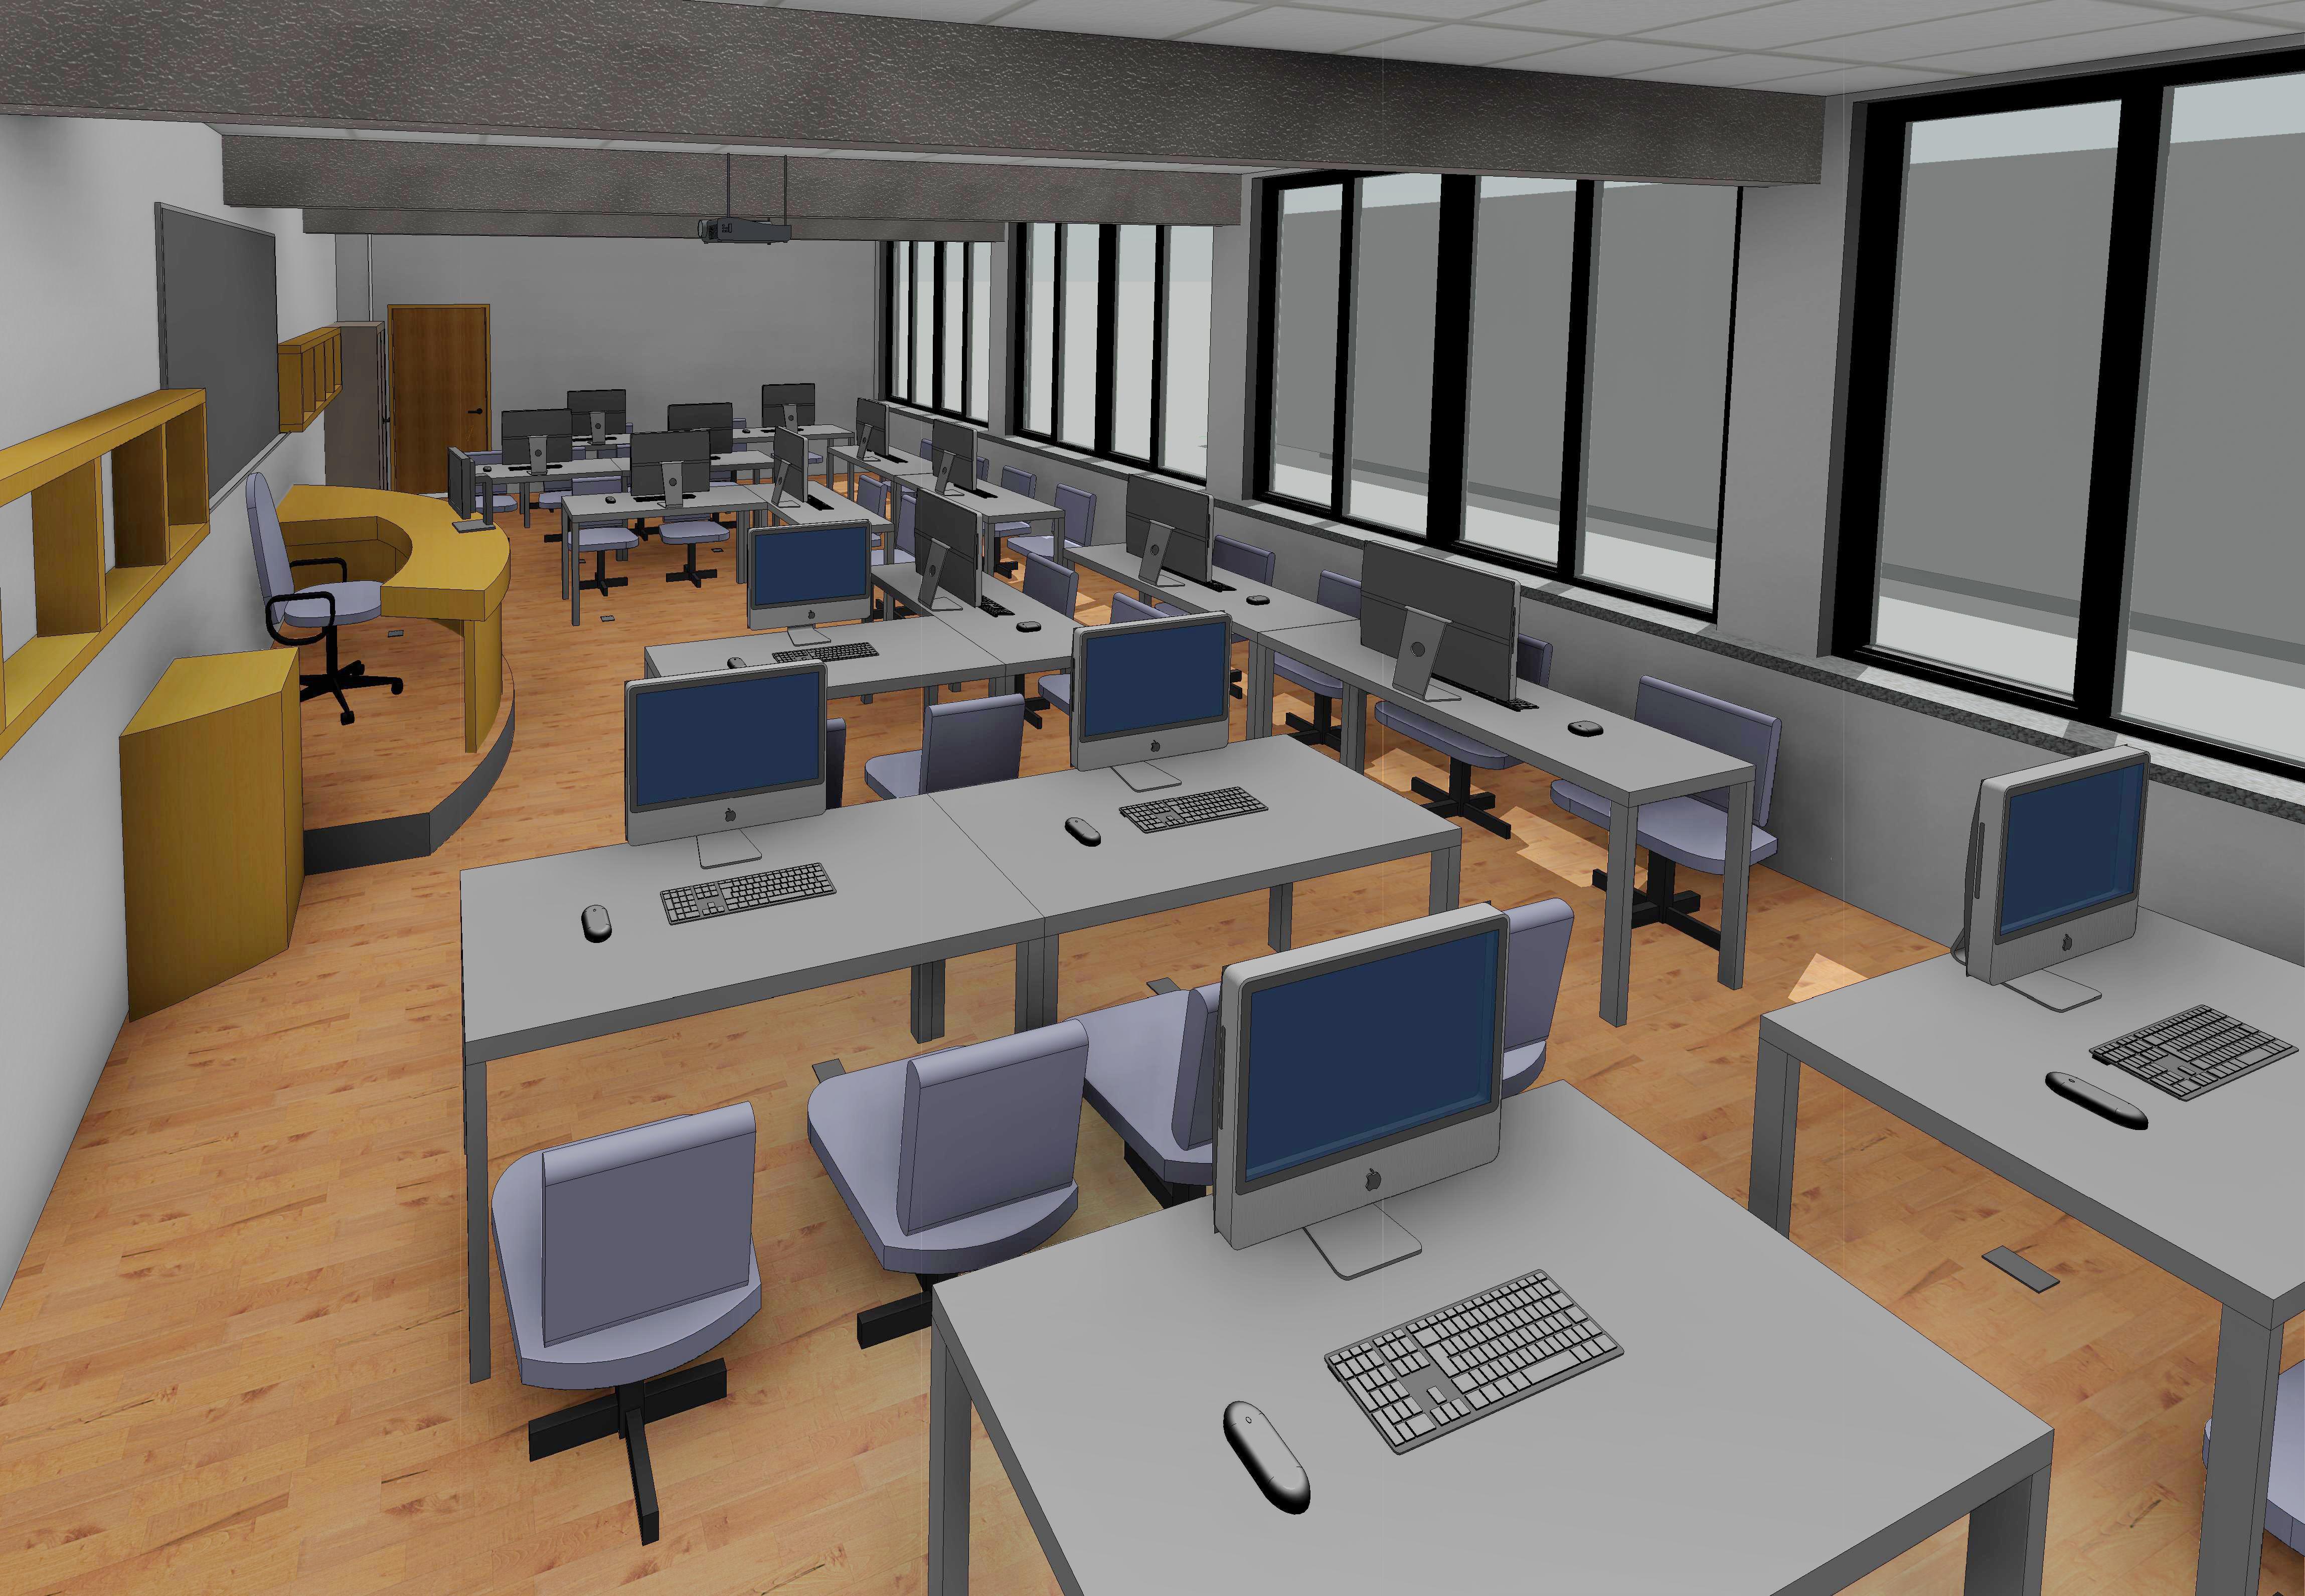 kabinet_aels – 3D View1_k